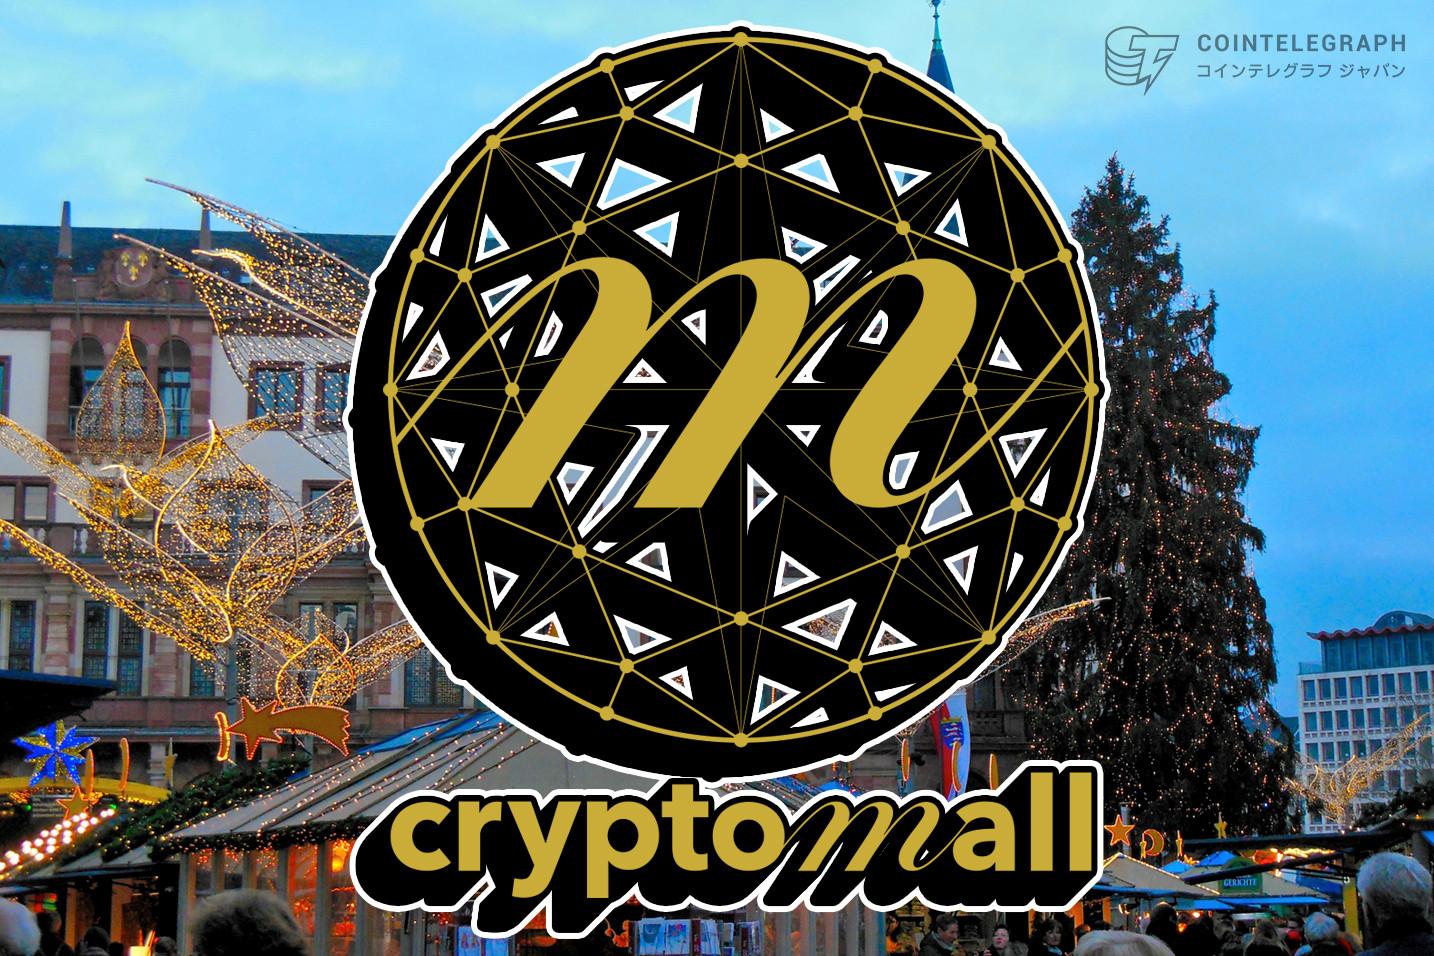 【XYM決済開始&キャンペーン中】「cryptomall」でNEMのハイブリッド型ブロックチェーンSymbolの新通貨「XYM」による決済がついに開始!